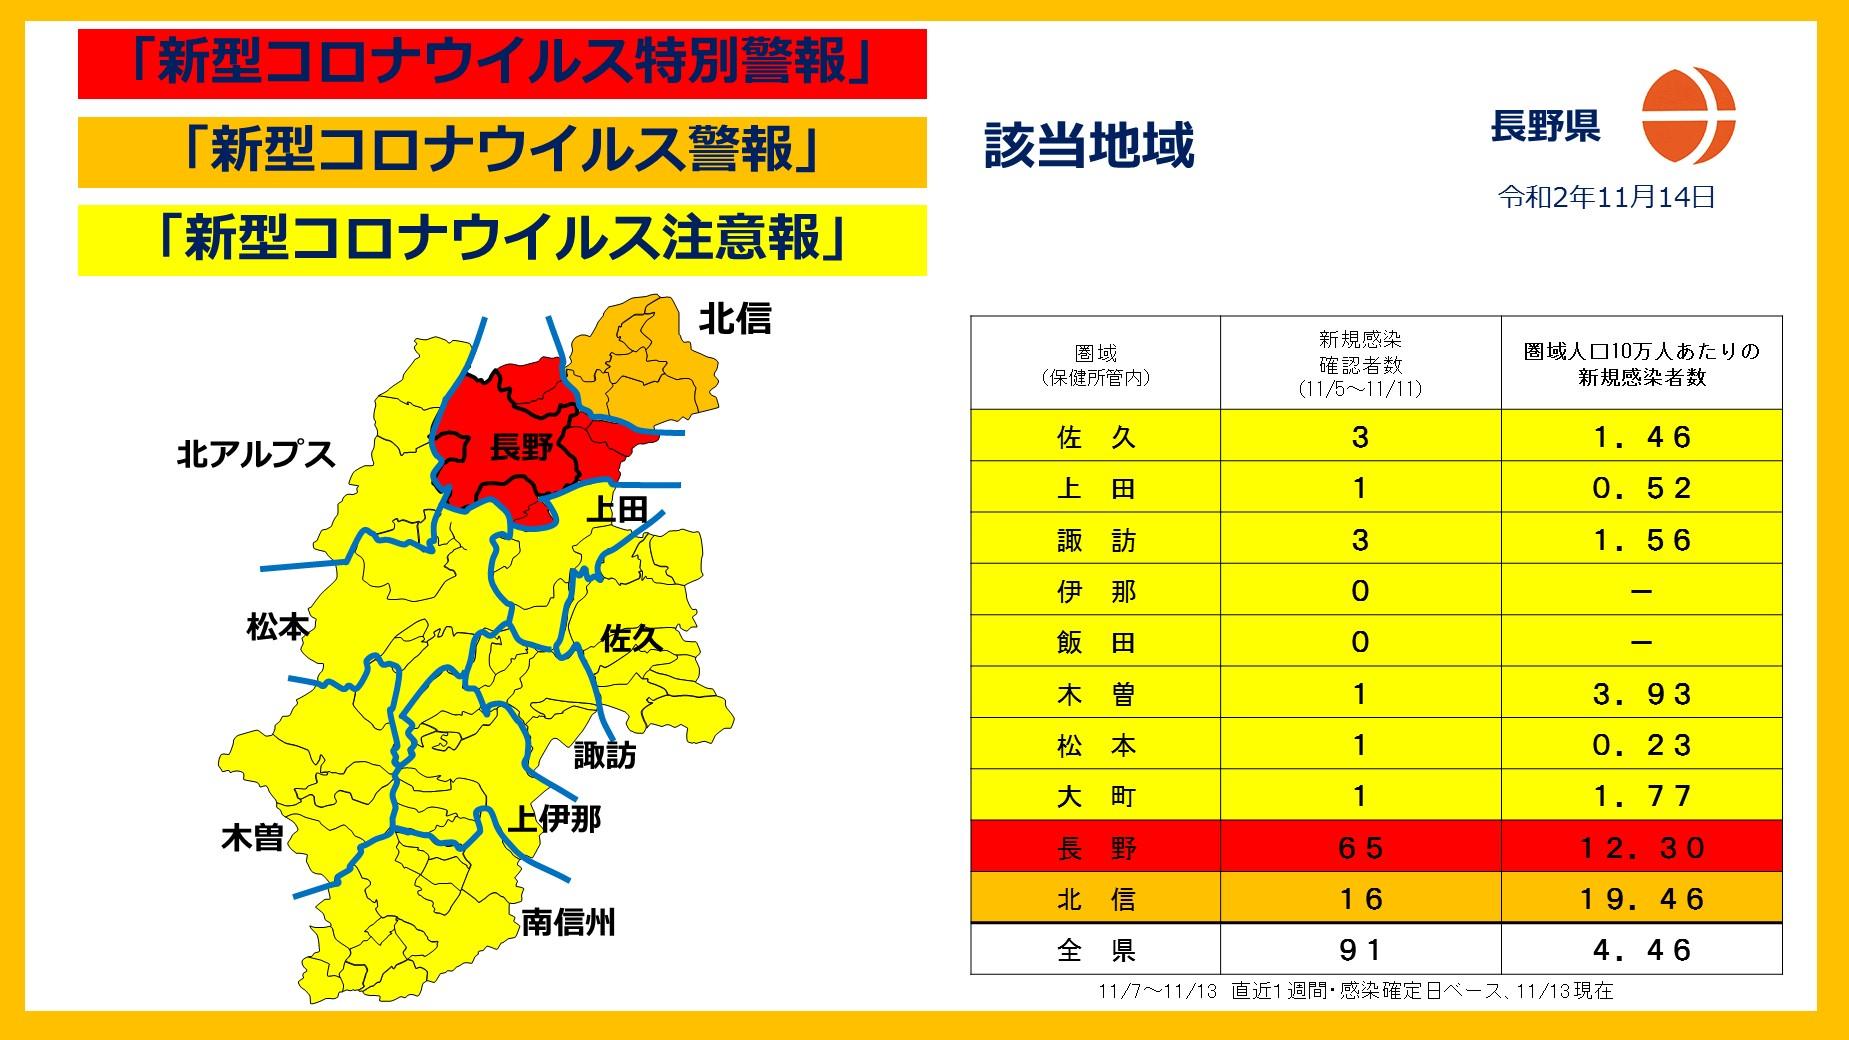 ウイルス 者 長野 県 コロナ 感染